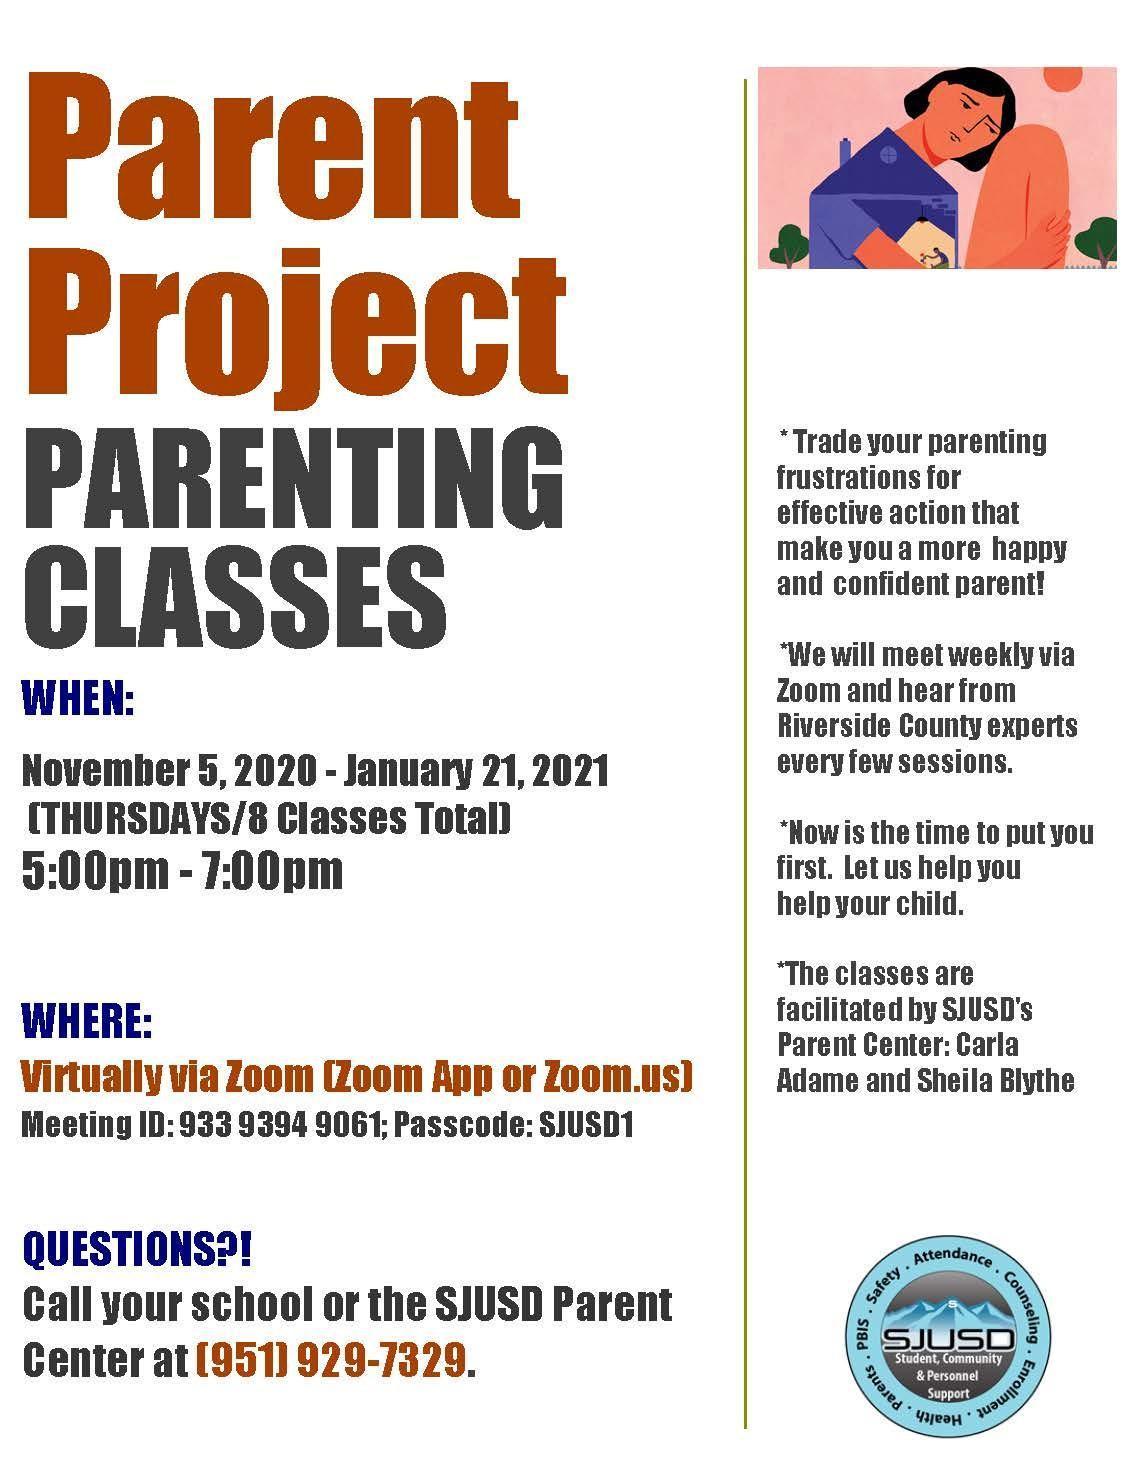 Parent Project Parenting Classes